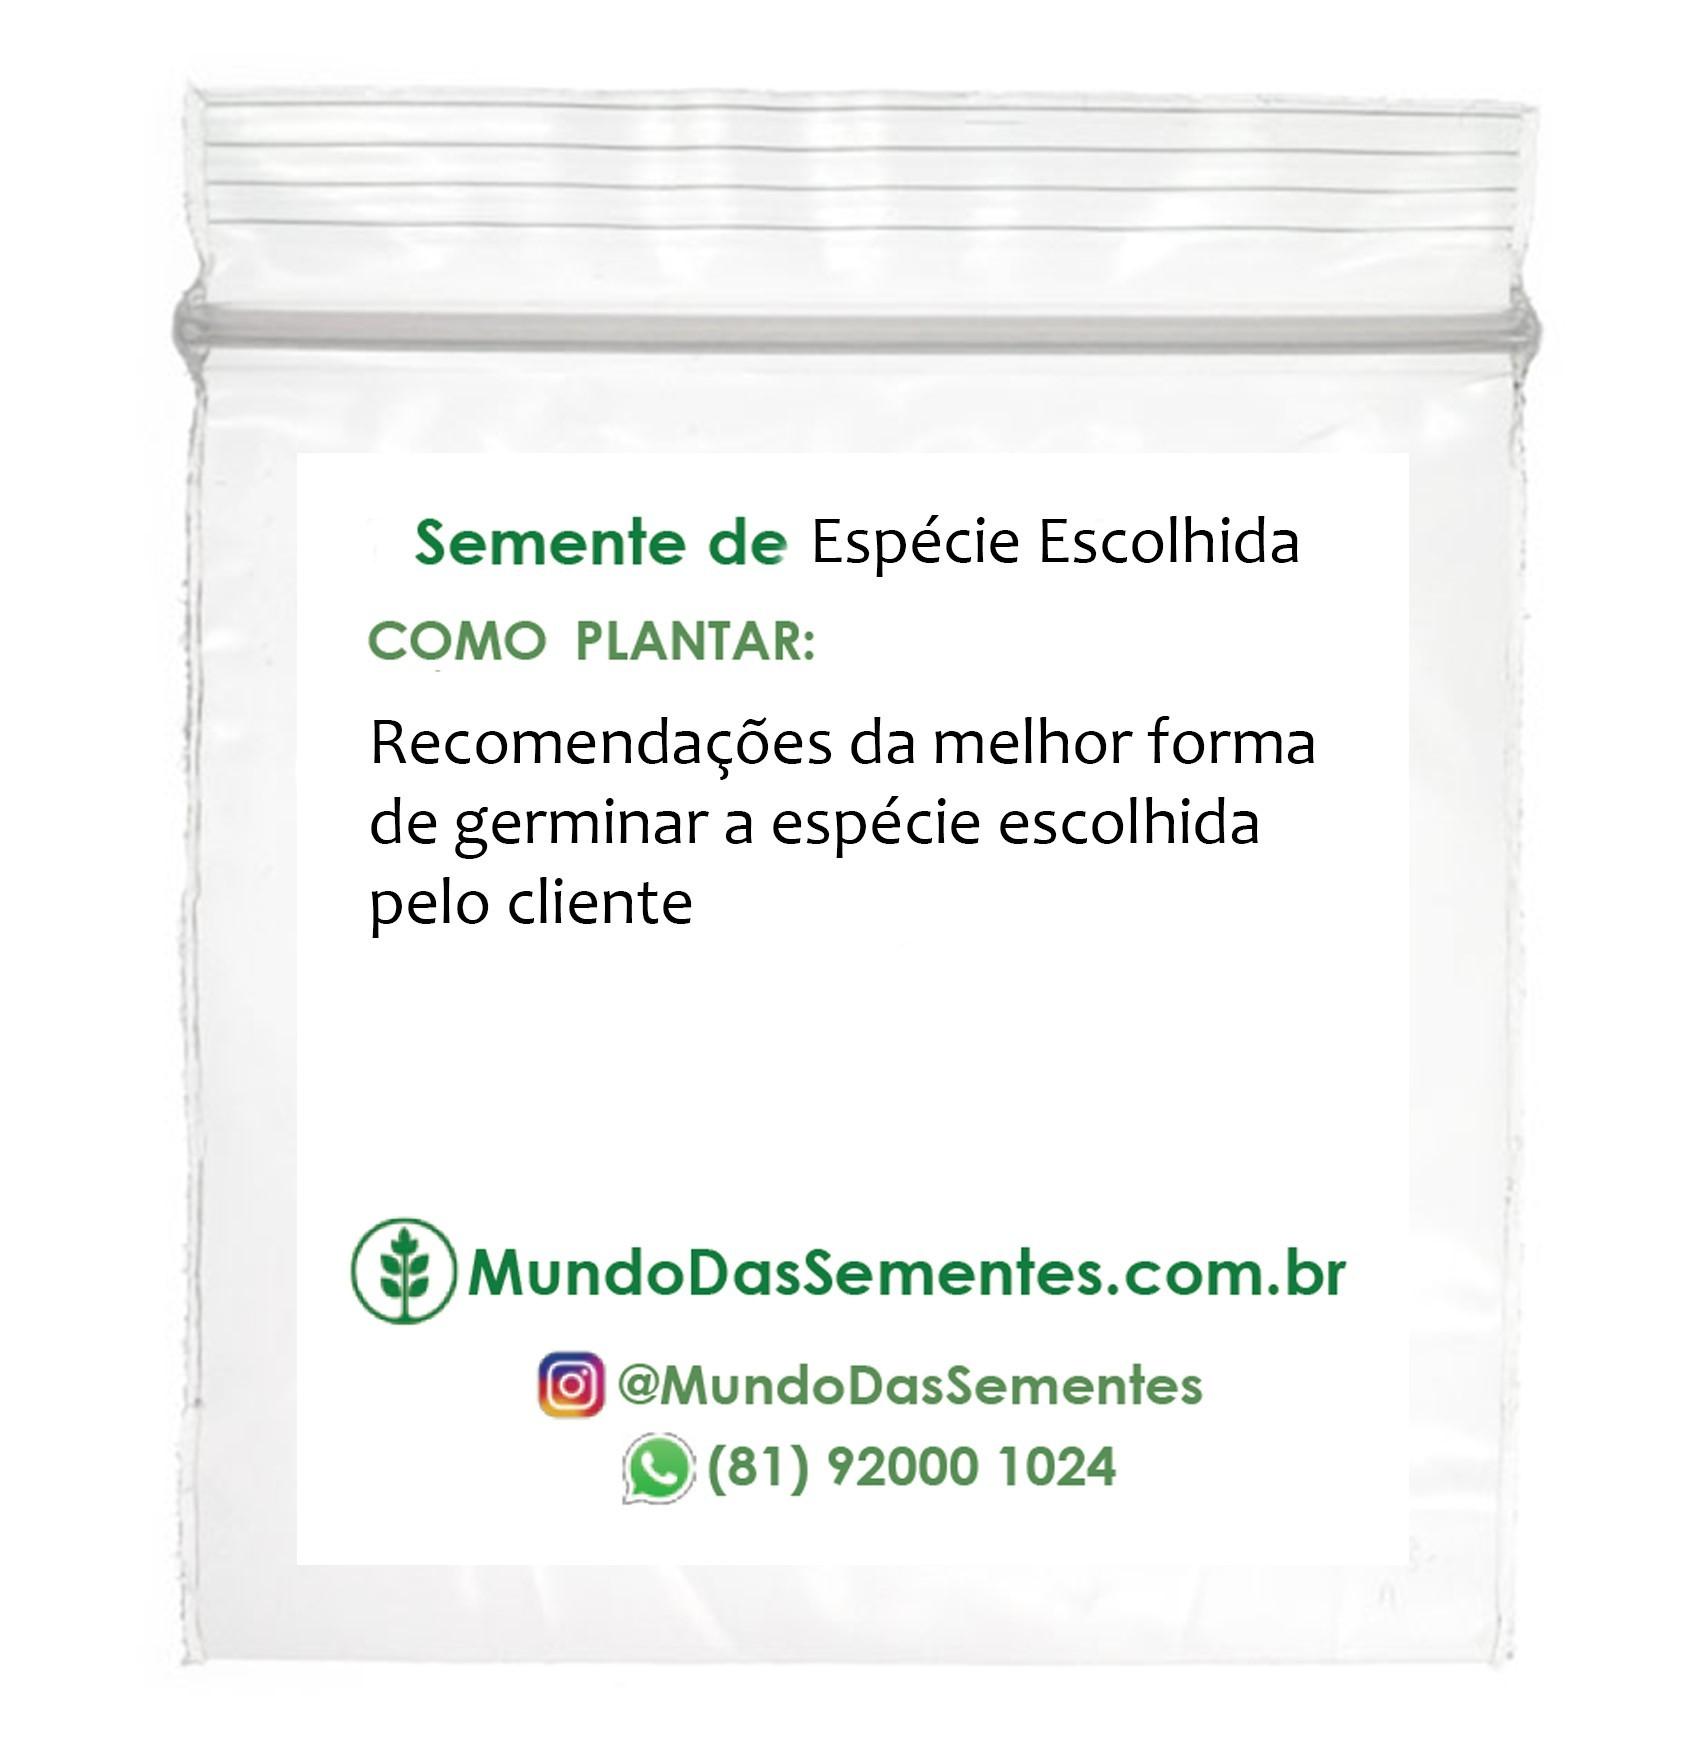 1000 Brindes Ecológicos com Sementes – Ziplock 4x4cm com Etiqueta Personalizada - Mundo das Sementes